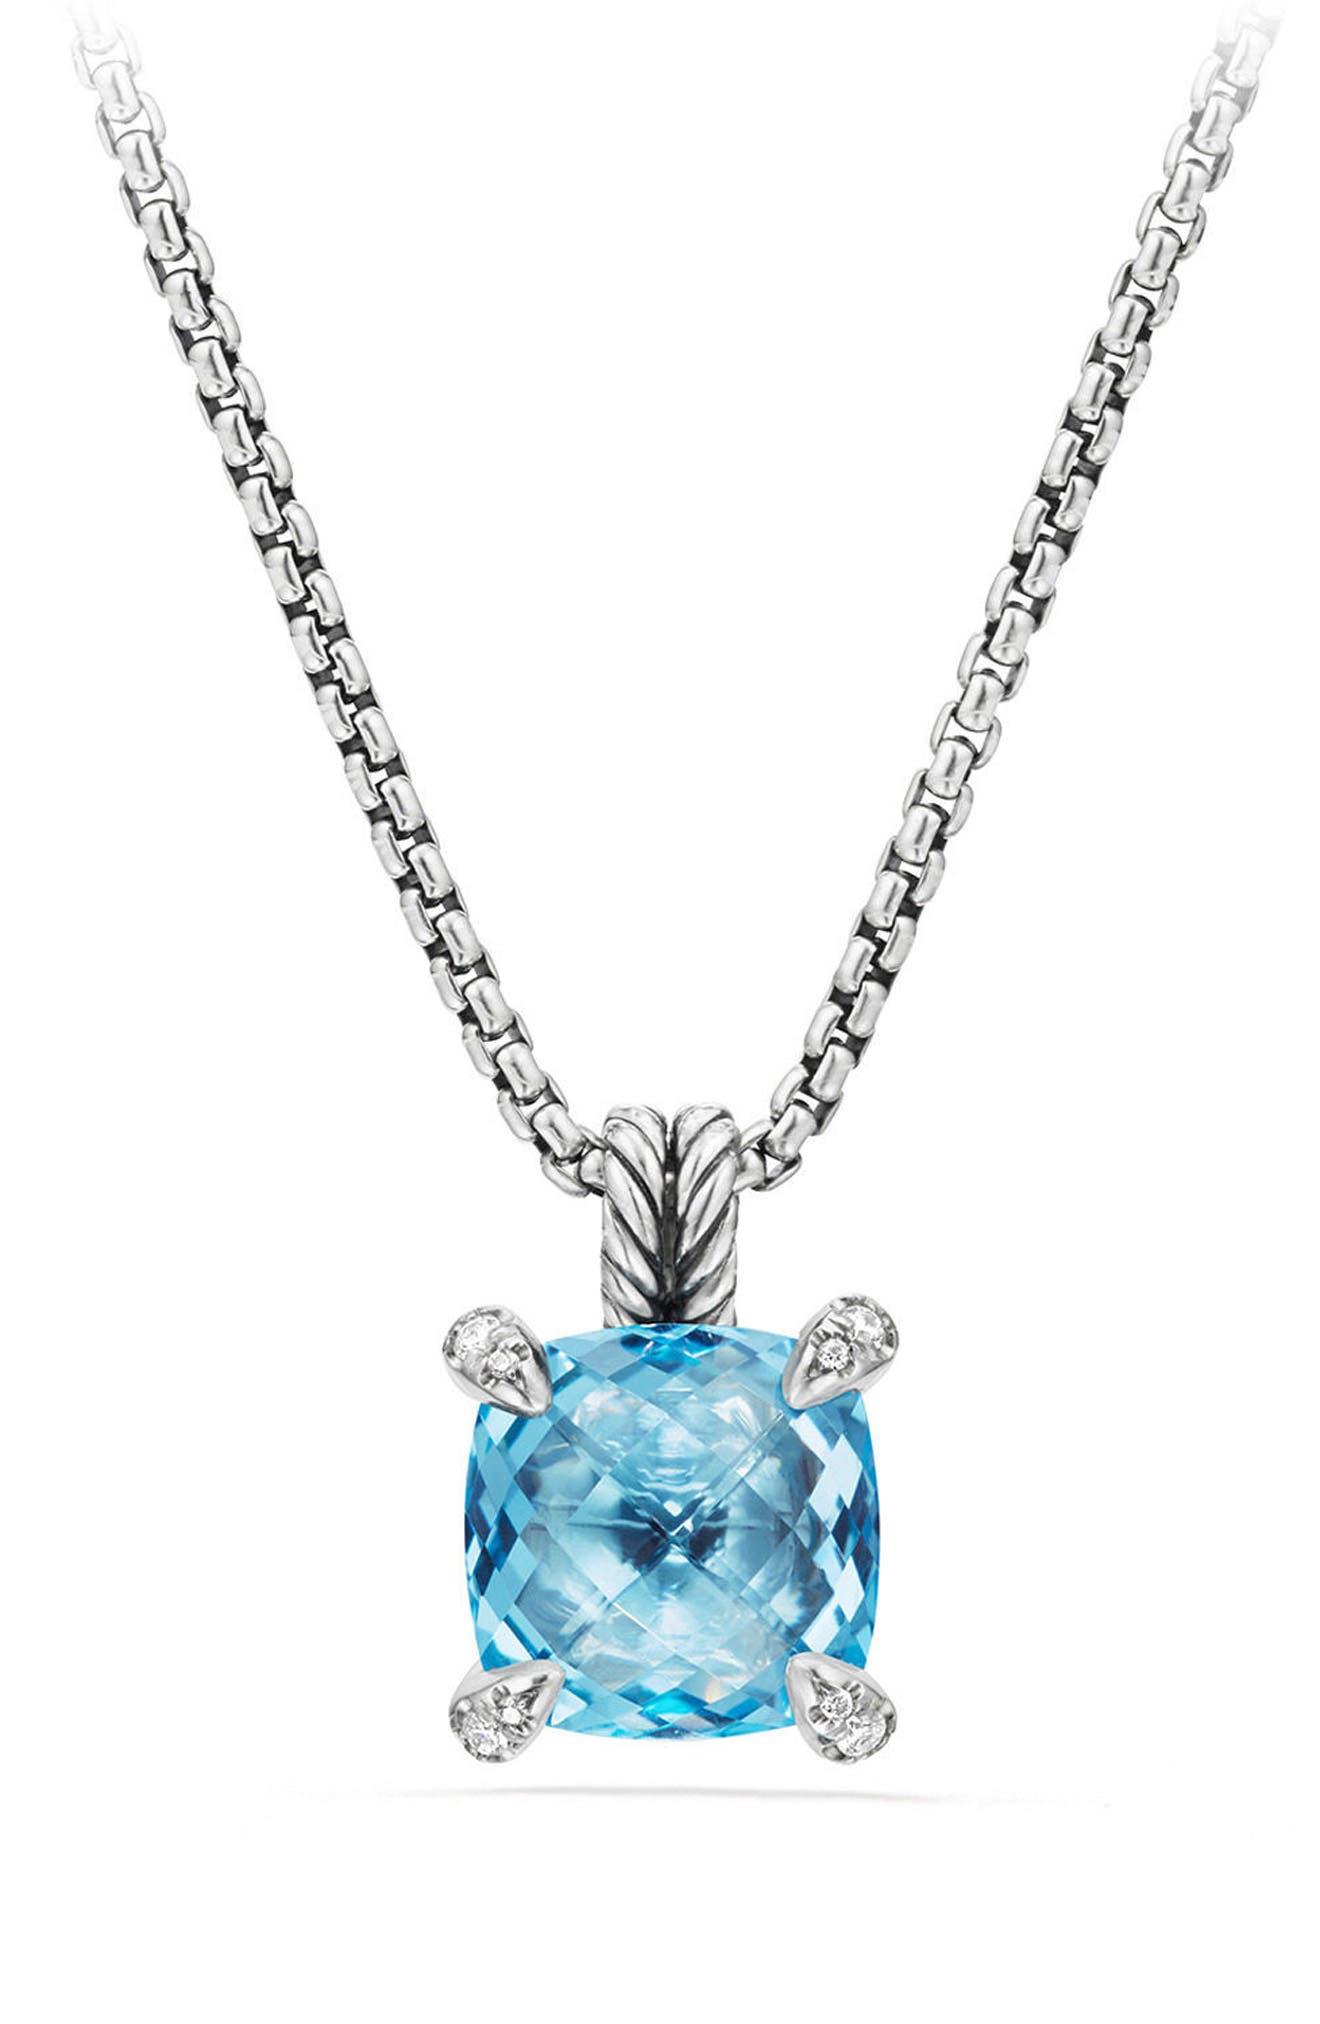 Main Image - David Yurman Châtelaine Pendant Necklace with Semiprecious Stone & Diamonds